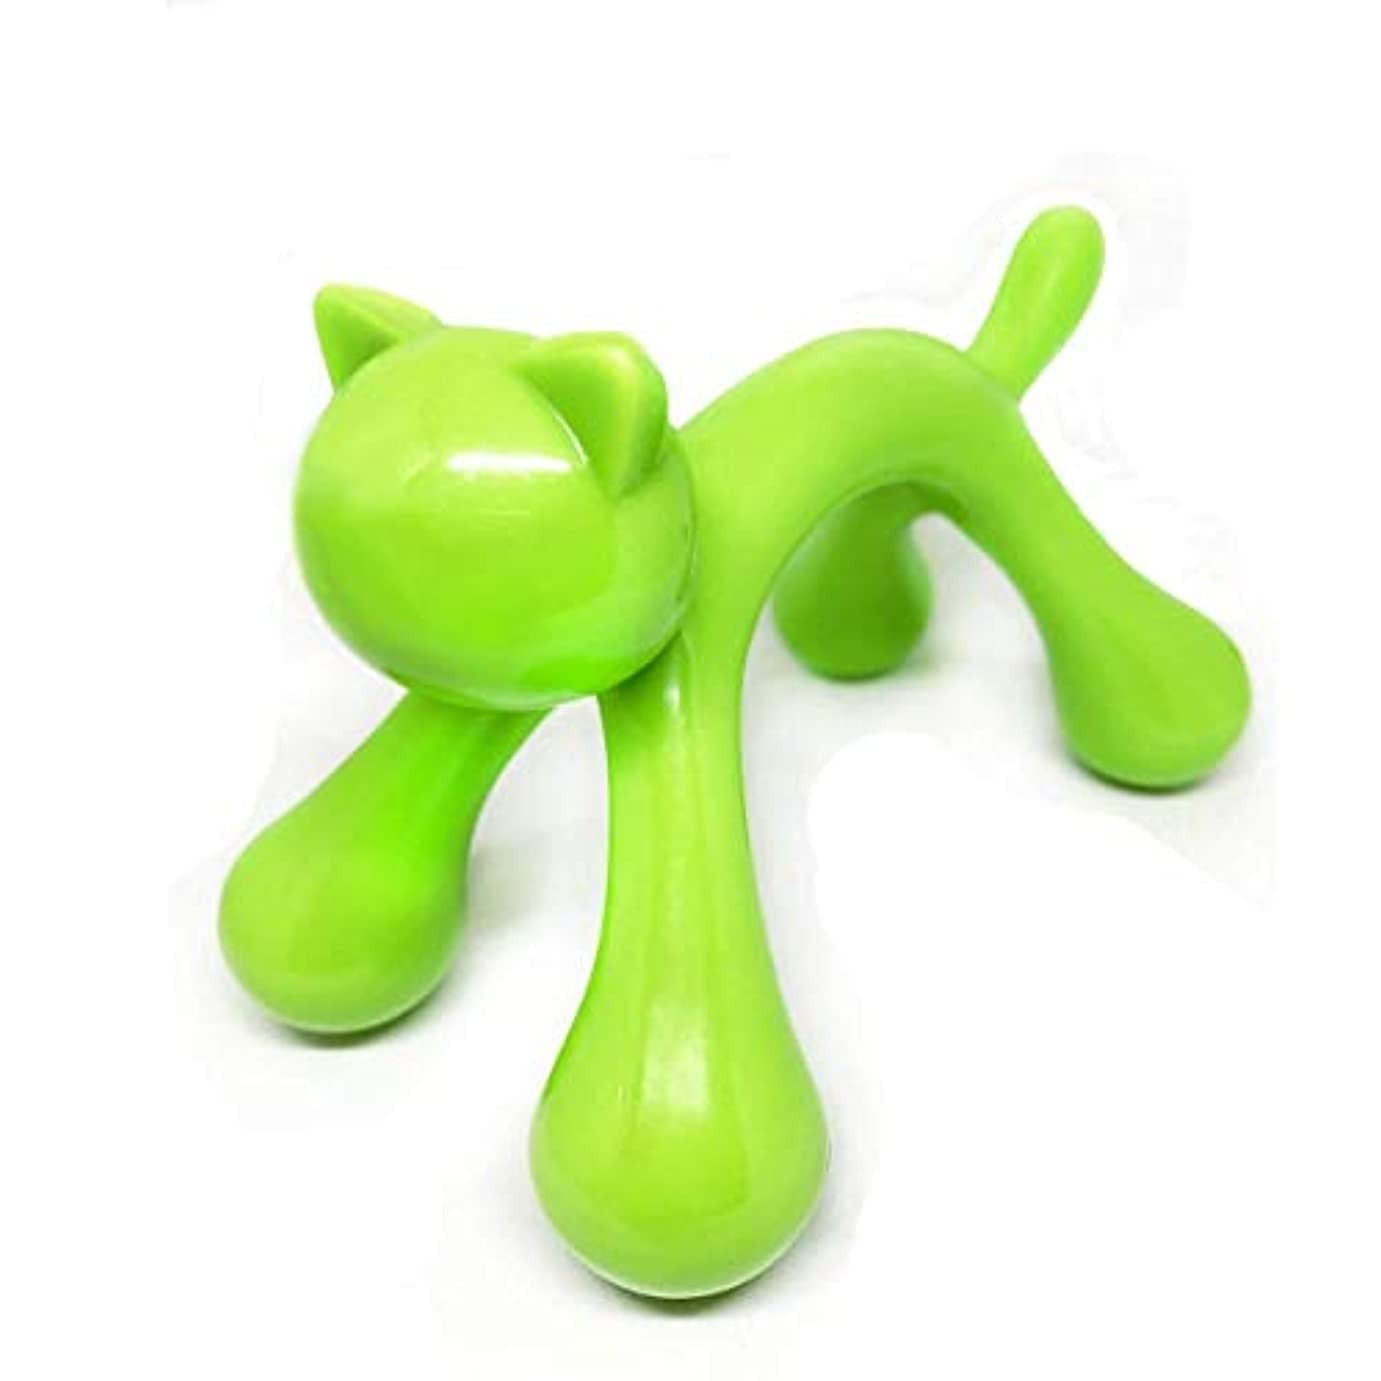 関与する底つかまえるSimg マッサージ棒 ツボ押しマッサージ台 握りタイプ 背中 ウッド 疲労回復 ハンド 背中 首 肩こり解消 可愛いネコ型 (グリーン)